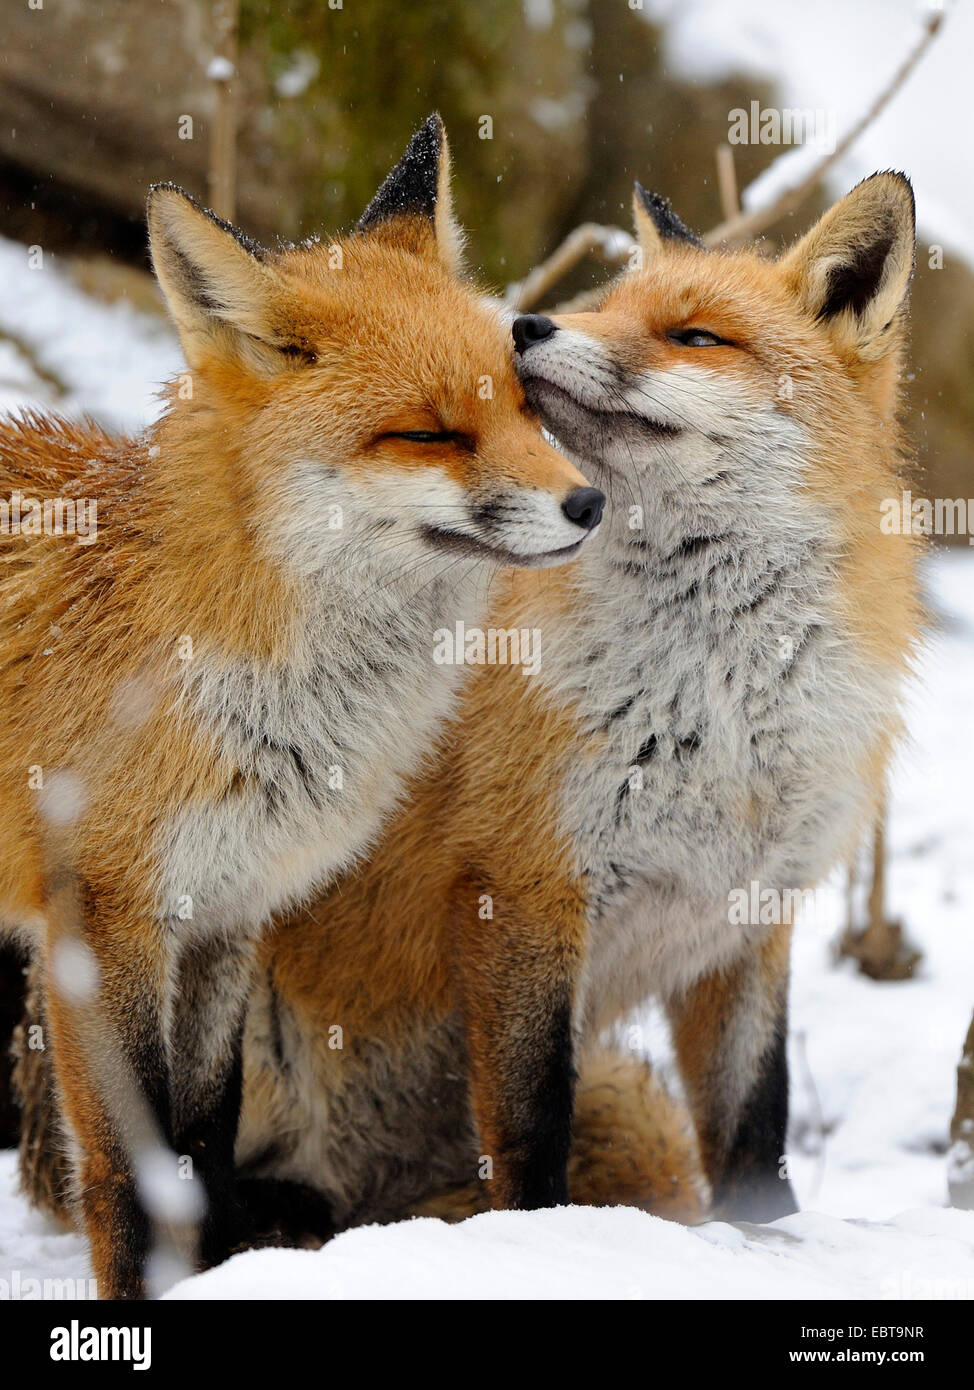 El zorro rojo (Vulpes vulpes), dos zorros de pie al lado de la otra en la nieve acariciando mutuamente, Alemania Imagen De Stock